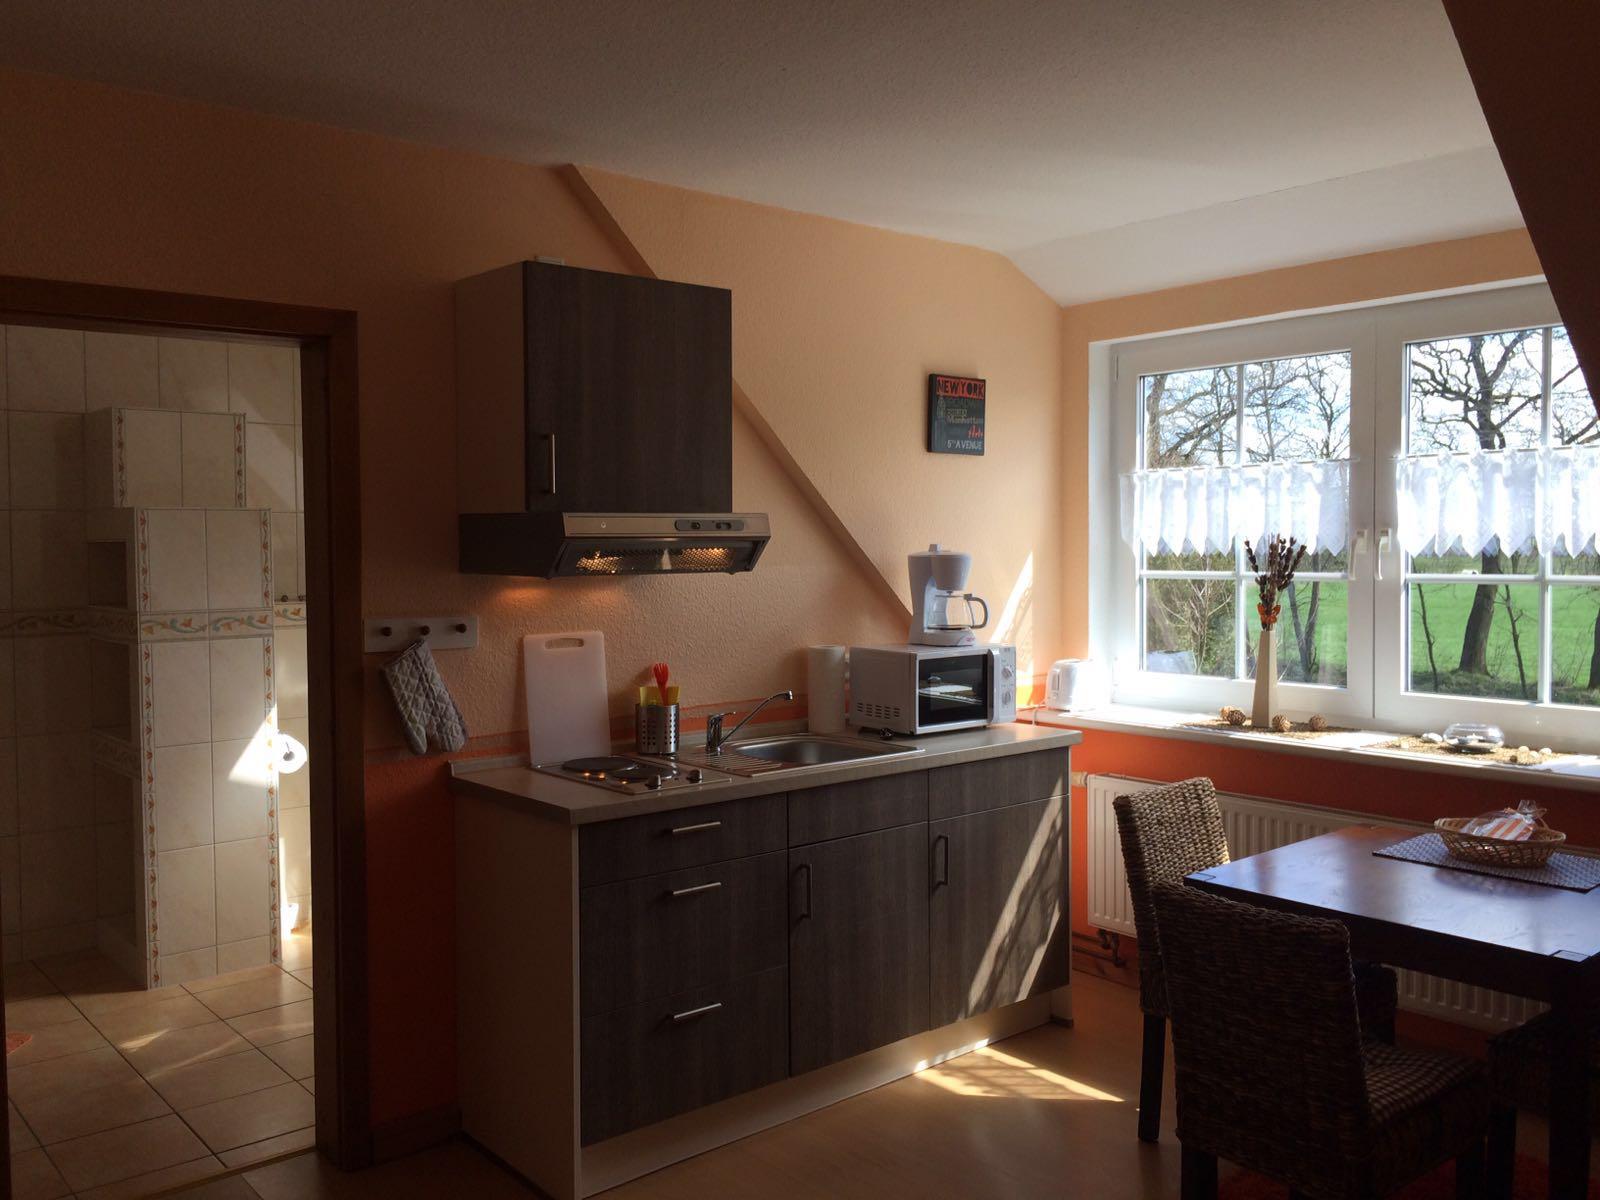 Haus Friesenglück in Kolkerheide, Nordfriesland – Ferienwohnungen und Ferienapartments – Ferienapartment 1 (braun/orange) – Innenansicht 1